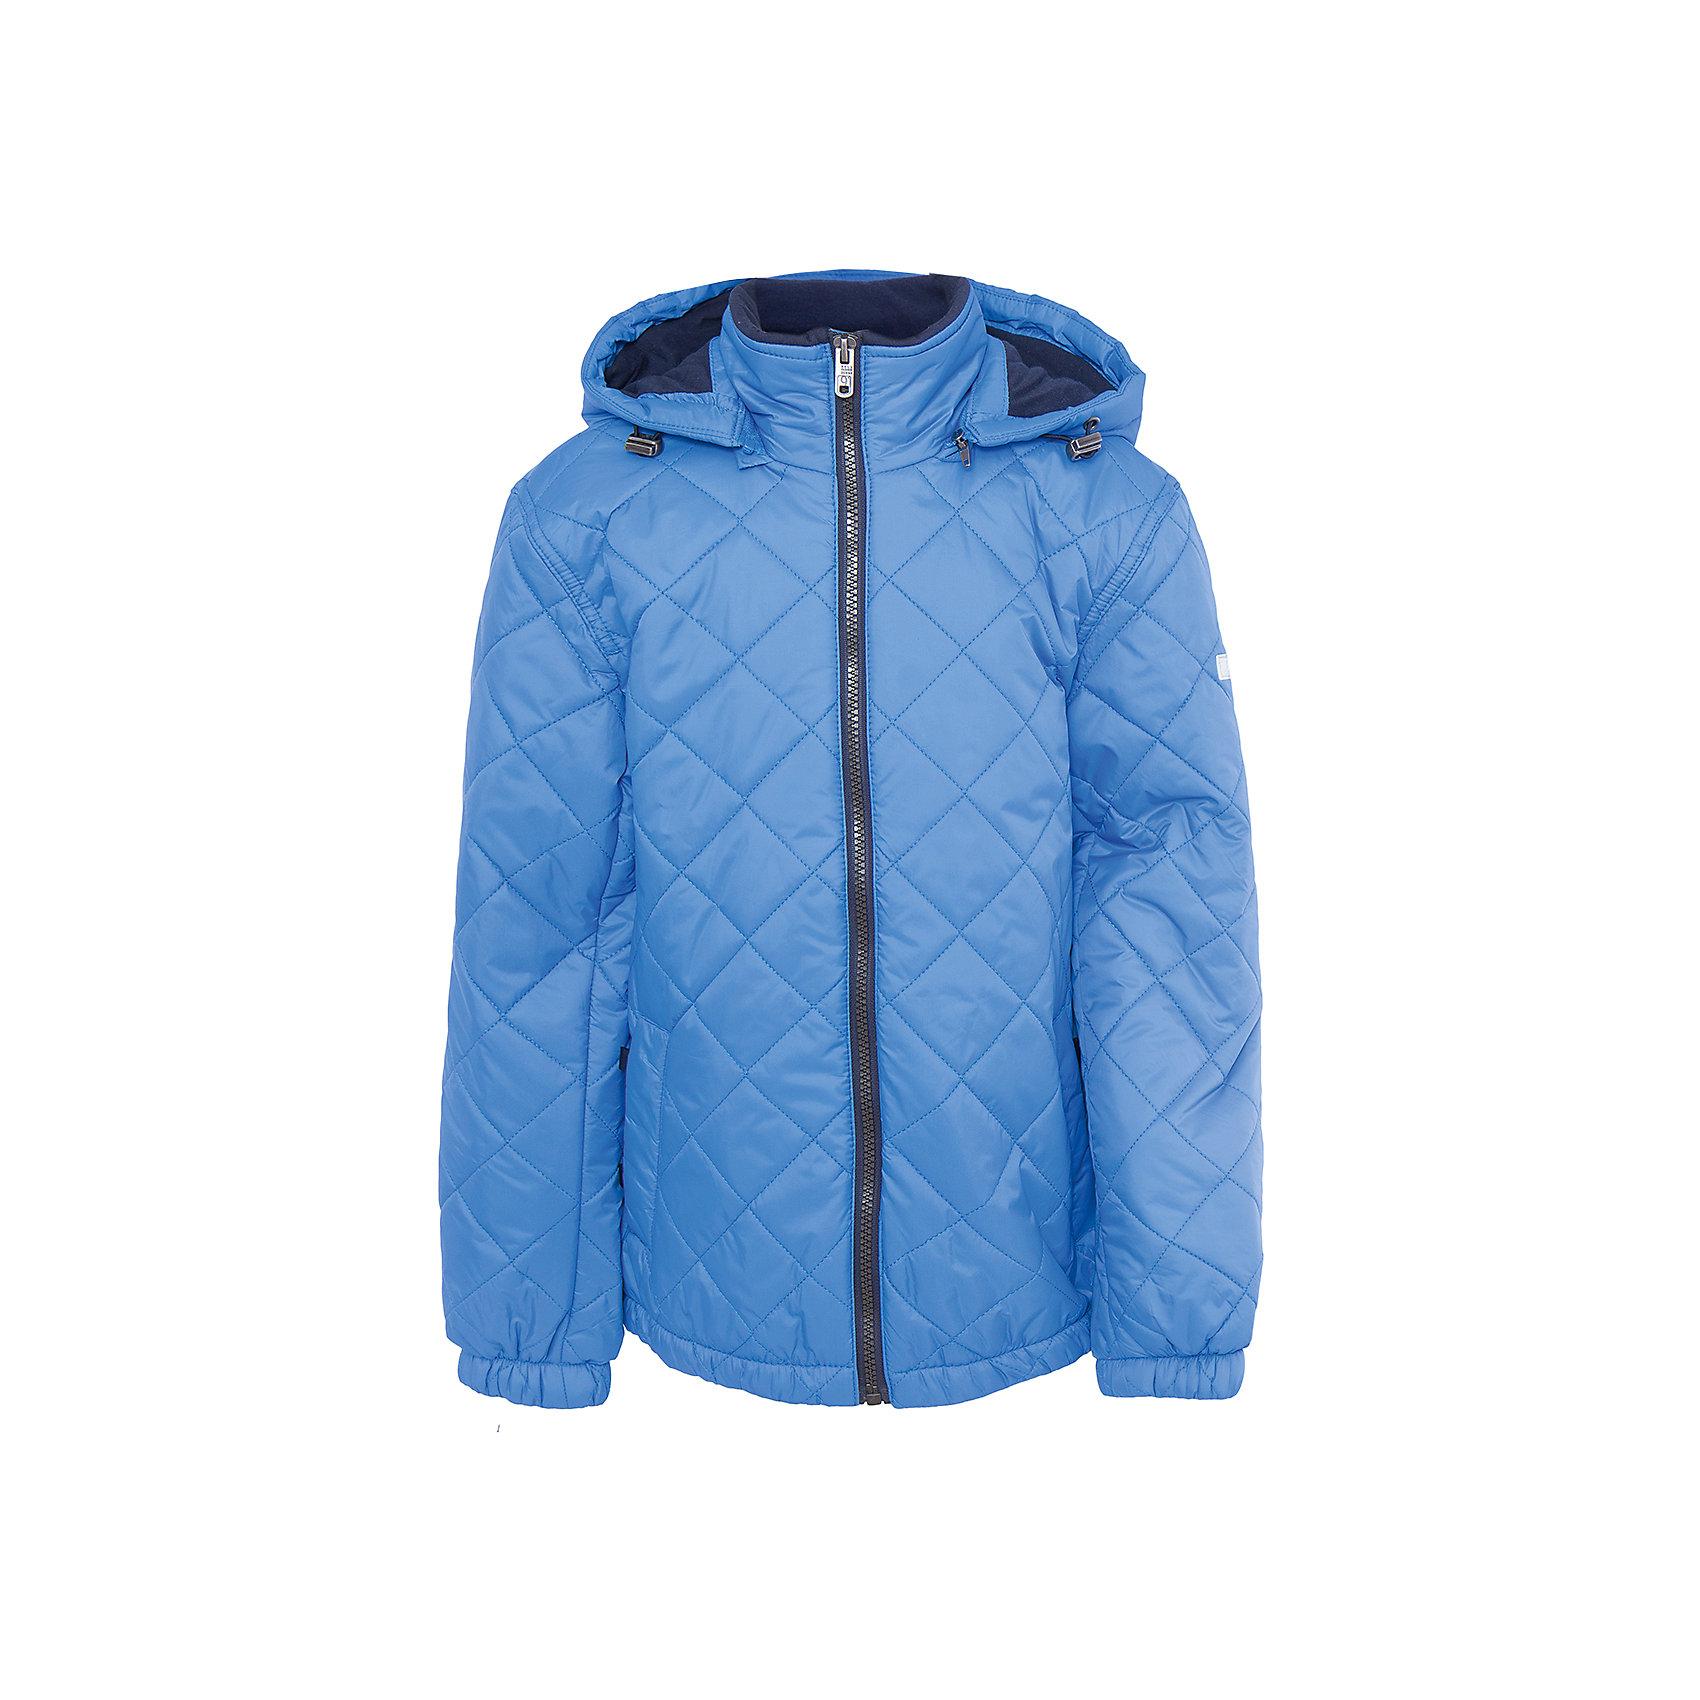 Куртка для мальчика SELAВерхняя одежда<br>Характеристики товара:<br><br>• цвет: голубой<br>• состав: 100% нейлон<br>• температурный режим: от +5°до +15°С<br>• подкладка: 100% хлопок<br>• утеплитель: 100% полиэстер<br>• демисезон<br>• воротник-стойка<br>• молния<br>• стеганая<br>• капюшон с кулиской<br>• капюшон съёмный<br>• два кармана на кнопках<br>• коллекция весна-лето 2017<br>• страна бренда: Российская Федерация<br>• страна производитель: Китай<br><br>Вещи из новой коллекции SELA продолжают радовать удобством! Легкая куртка для мальчика поможет разнообразить гардероб ребенка и обеспечить комфорт. Она отлично сочетается с джинсами и брюками. Очень стильно смотрится!<br><br>Одежда, обувь и аксессуары от российского бренда SELA не зря пользуются большой популярностью у детей и взрослых! Модели этой марки - стильные и удобные, цена при этом неизменно остается доступной. Для их производства используются только безопасные, качественные материалы и фурнитура. Новая коллекция поддерживает хорошие традиции бренда! <br><br>Куртку для мальчика от популярного бренда SELA (СЕЛА) можно купить в нашем интернет-магазине.<br><br>Ширина мм: 356<br>Глубина мм: 10<br>Высота мм: 245<br>Вес г: 519<br>Цвет: голубой<br>Возраст от месяцев: 84<br>Возраст до месяцев: 96<br>Пол: Мужской<br>Возраст: Детский<br>Размер: 128,140,152,116<br>SKU: 5305138